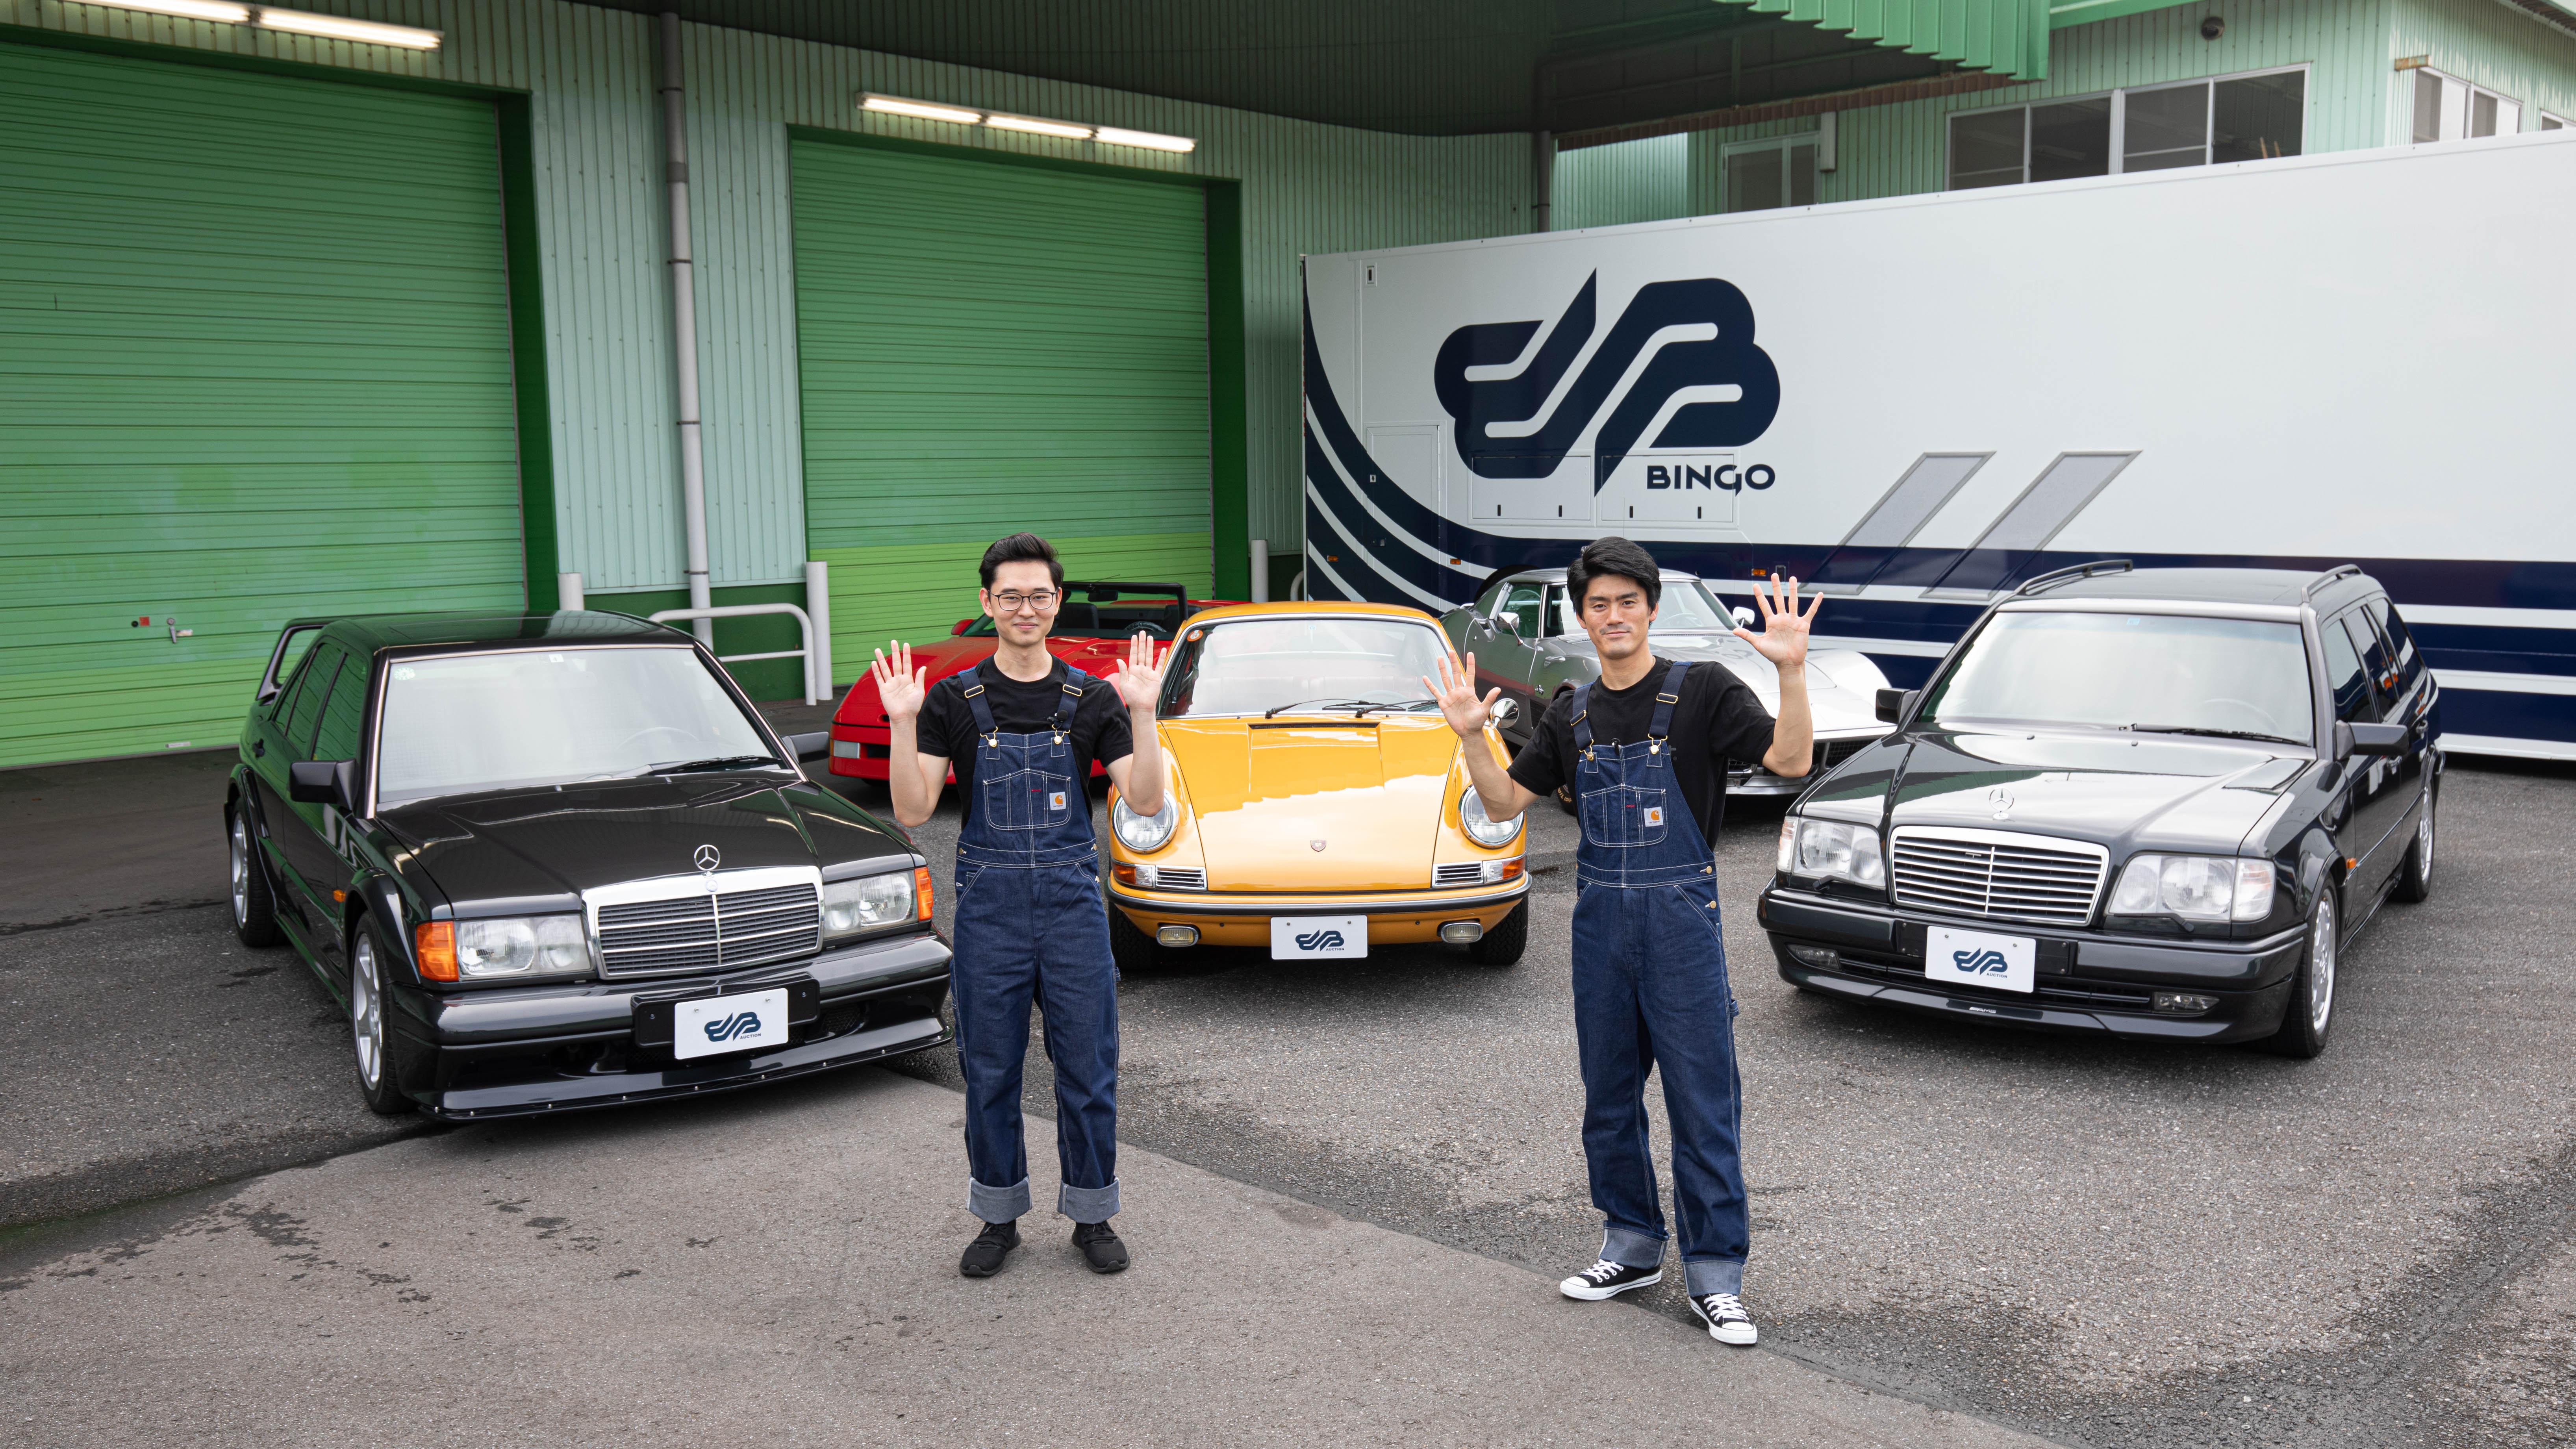 ヤフオク!とBH AUCTION、希少価値の高い名車に特化した 「コレクションカーオークション」の第3回を、8月2日より開催